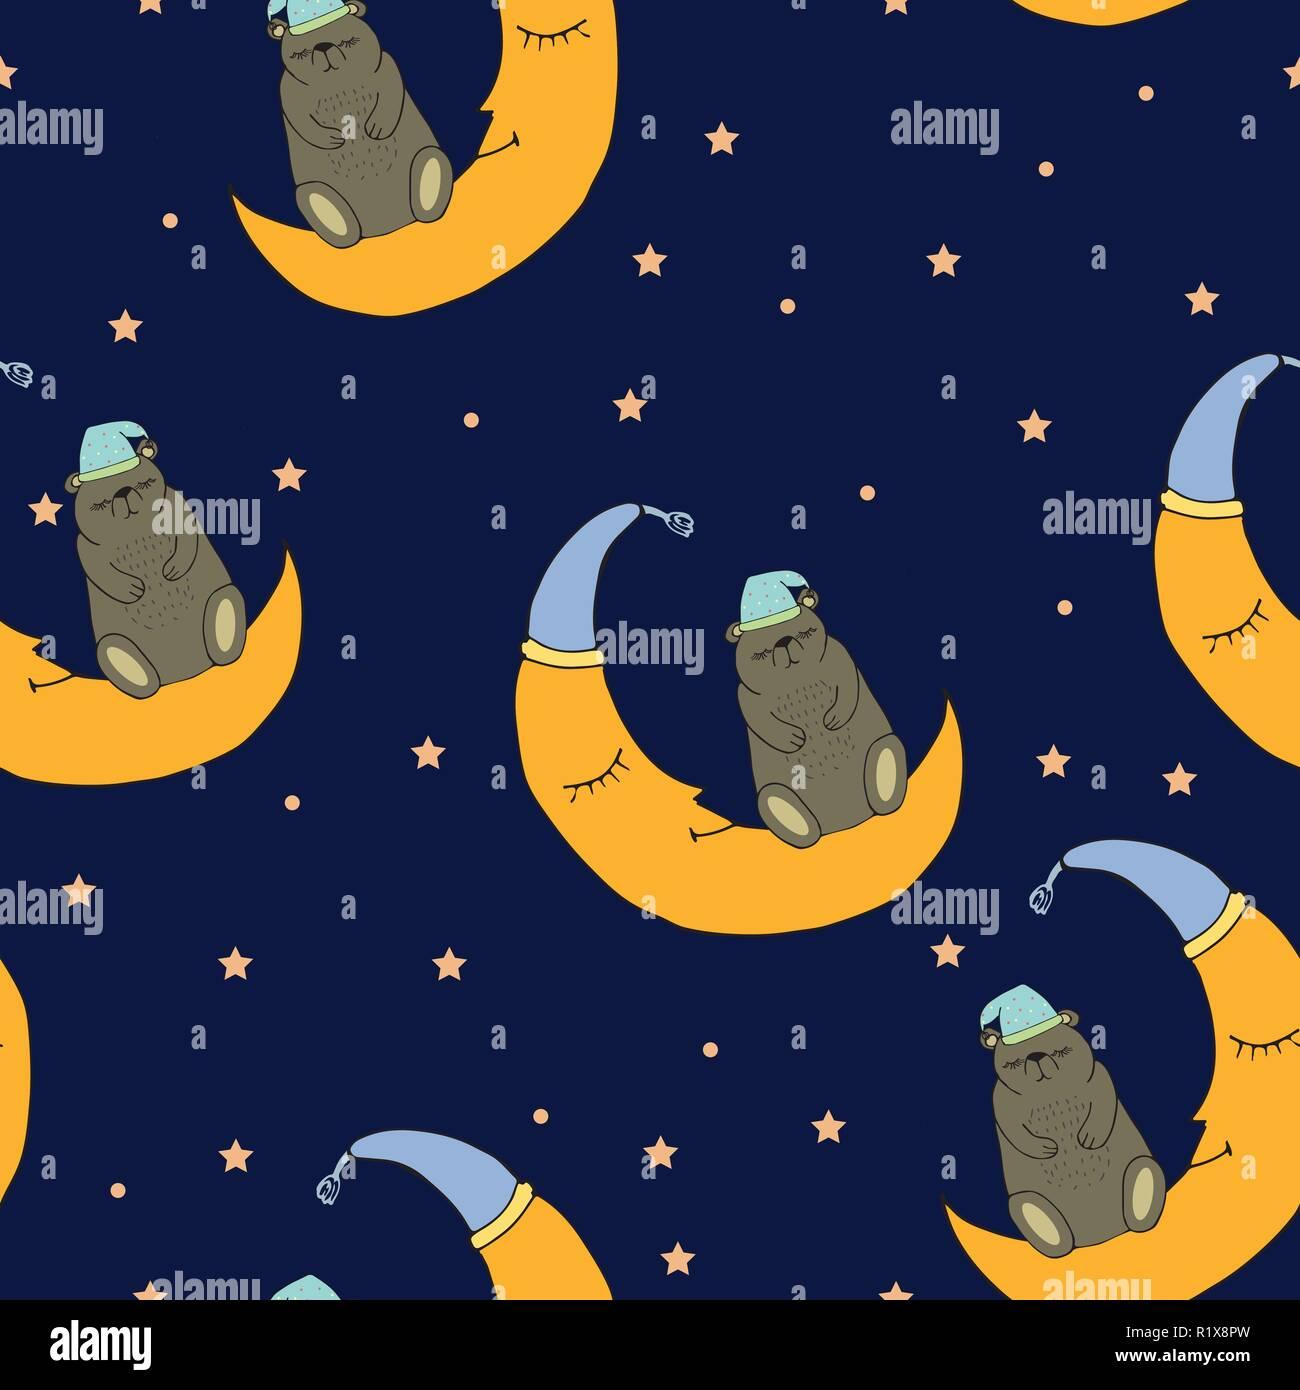 Buona Notte Seamless Pattern Con Abbastanza Sleeping Bear La Luna E